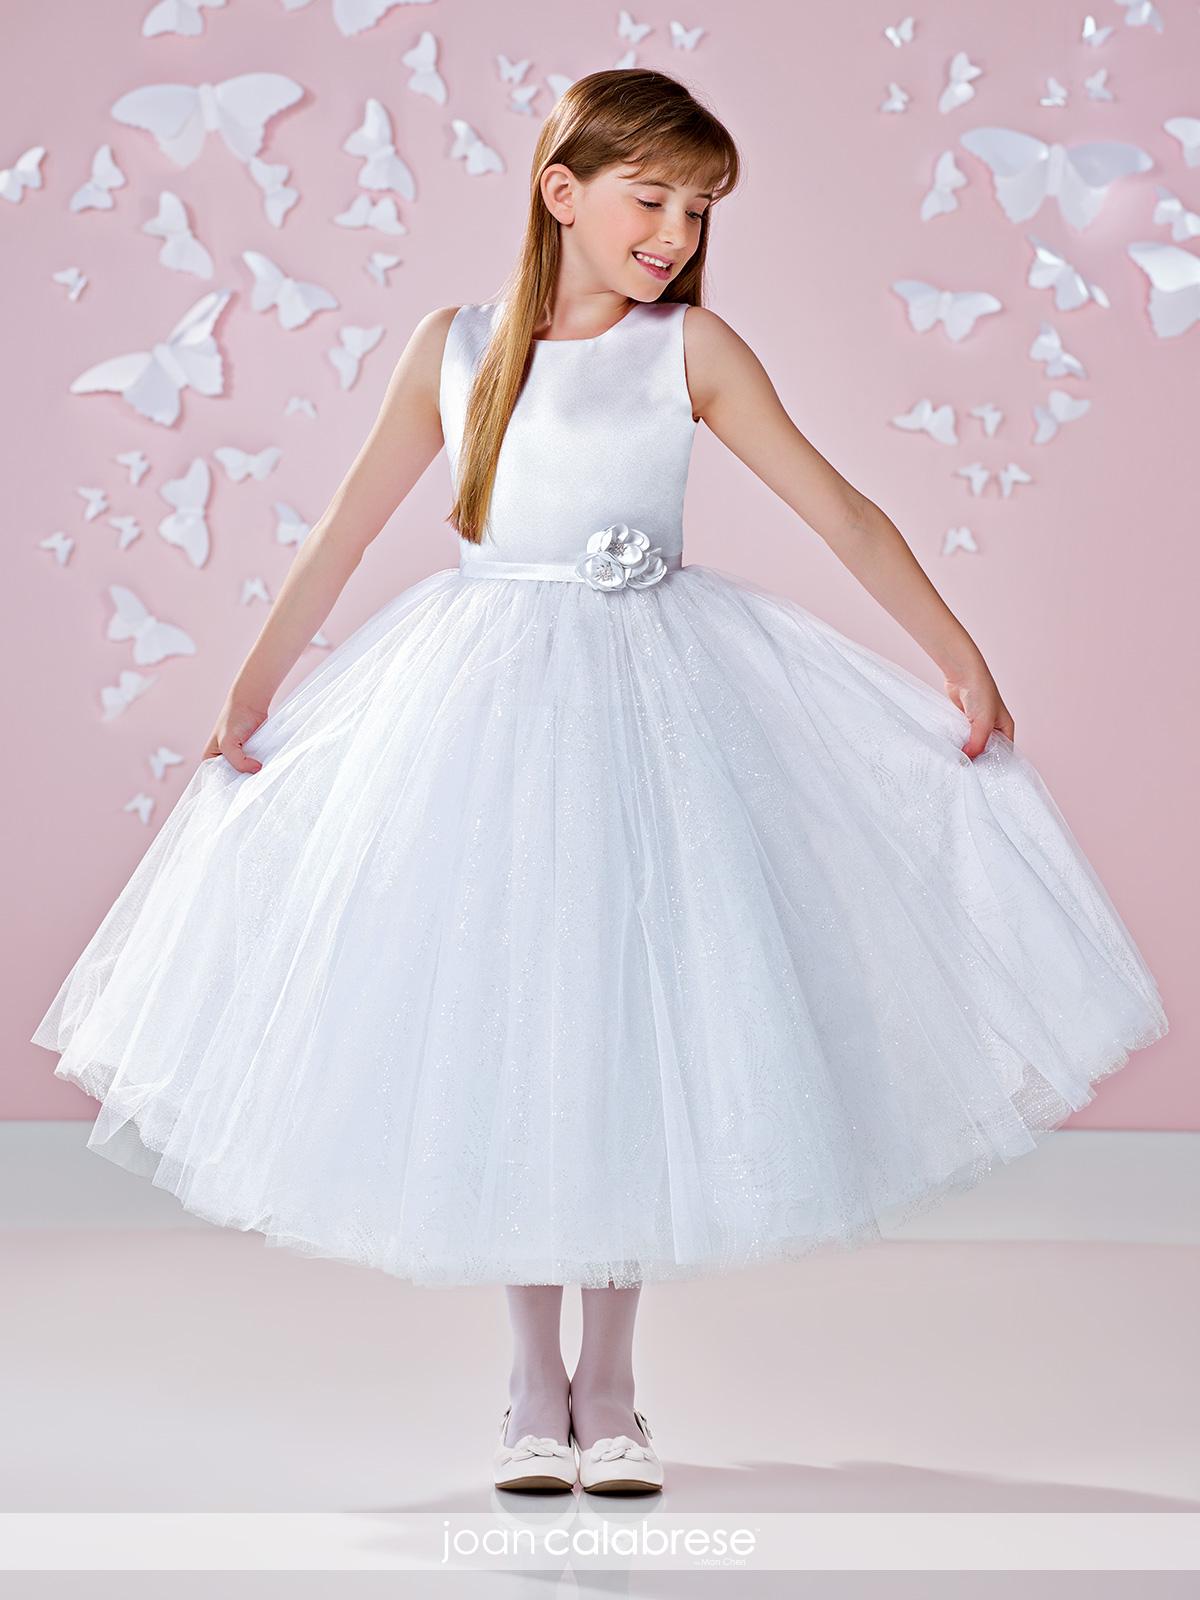 1ecdd61305e2 White Flower Girl Dresses Target - PostParc